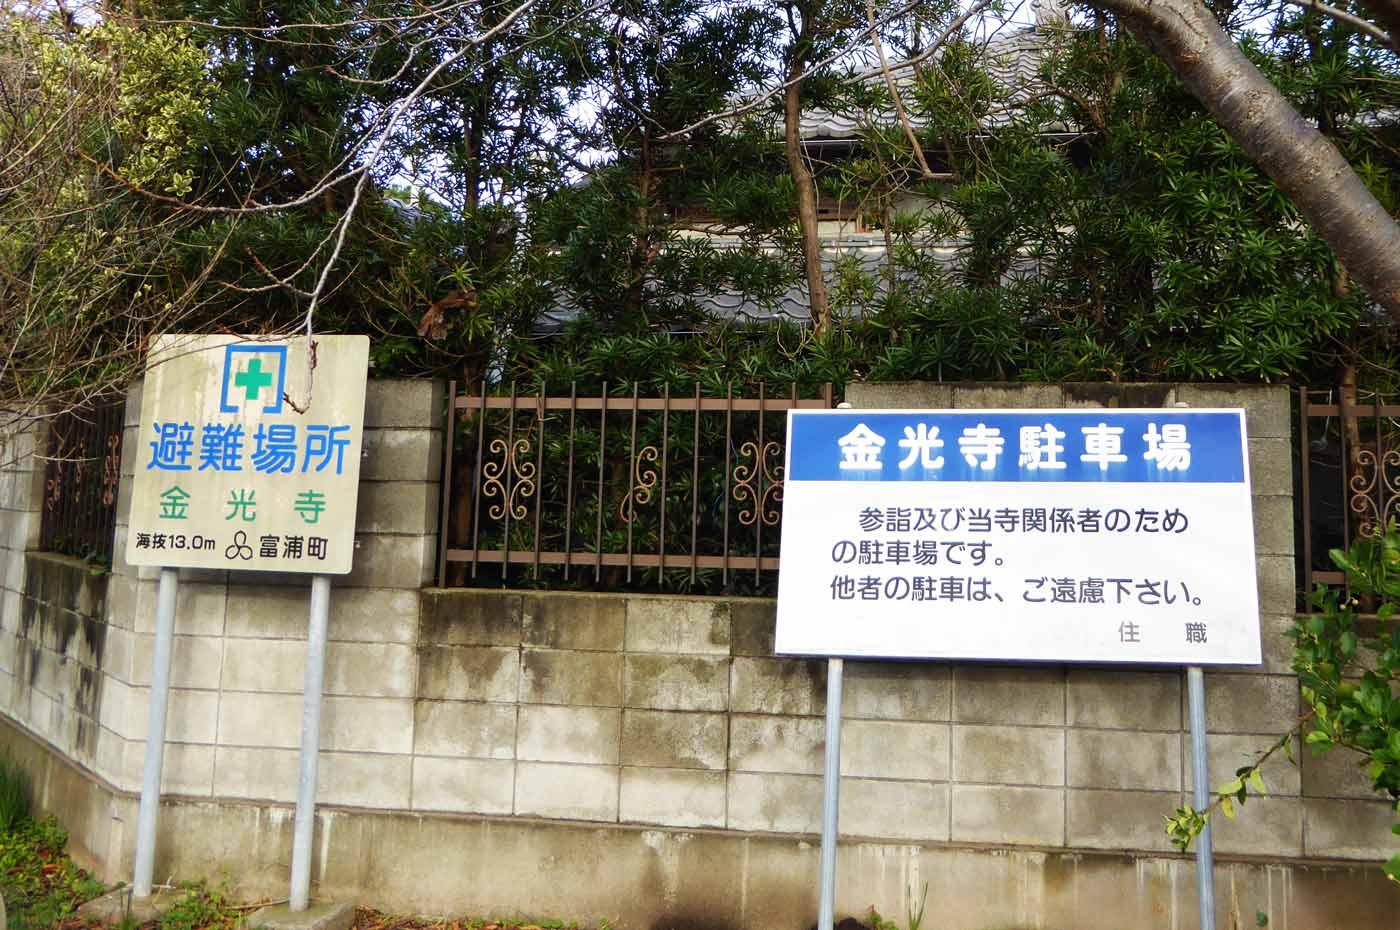 金光寺境内の駐車場の看板